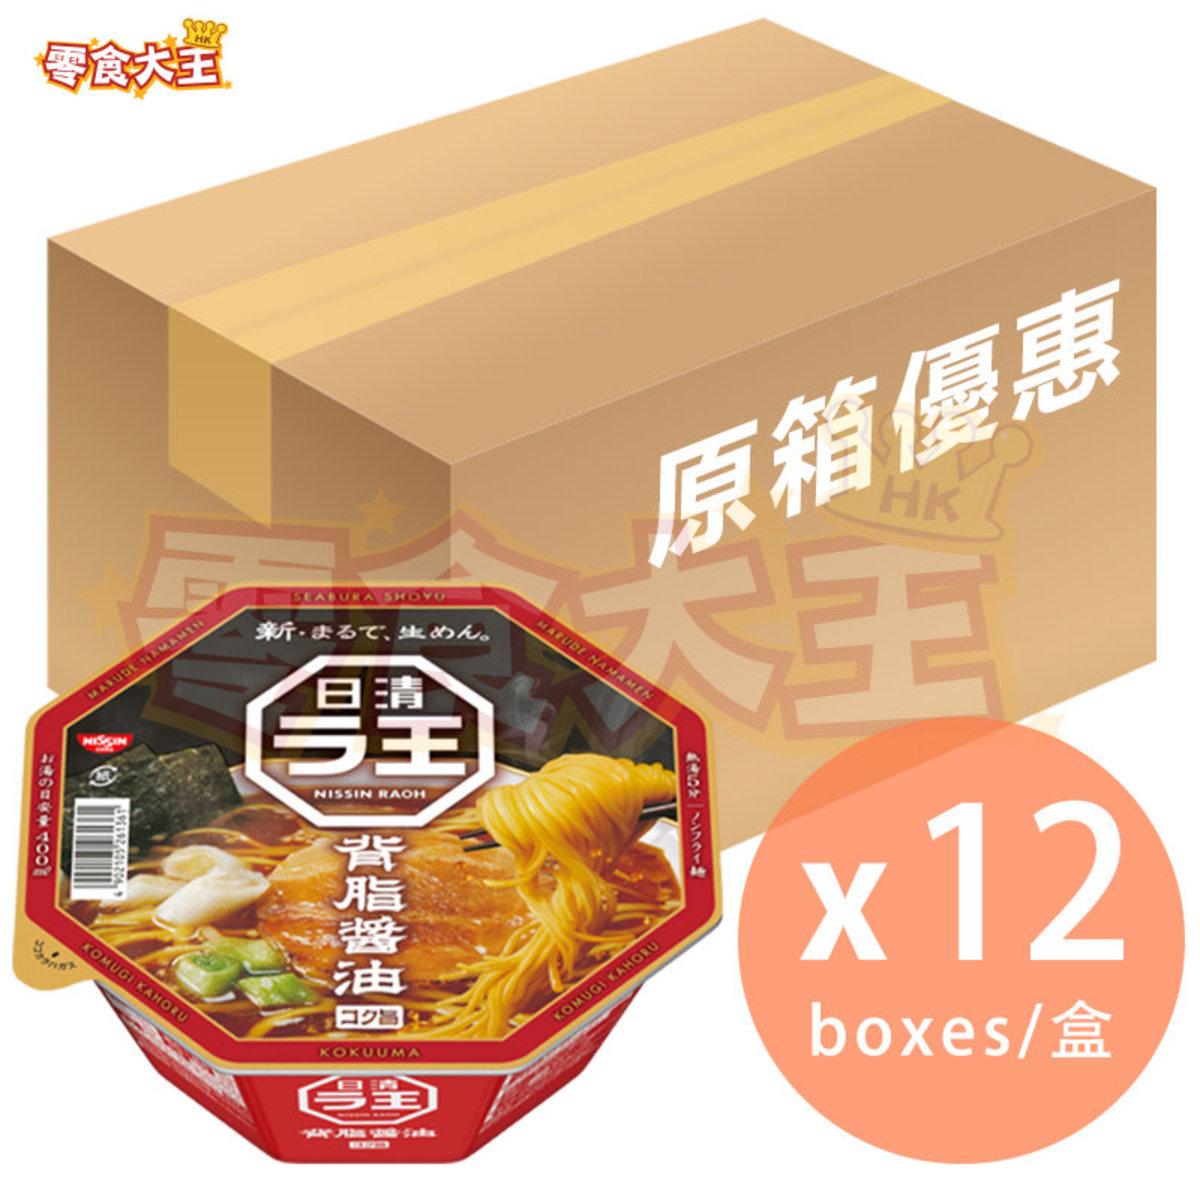 [原箱] 拉王 背脂醬油拉麵 112g x 12盒 (4902105261361_12)